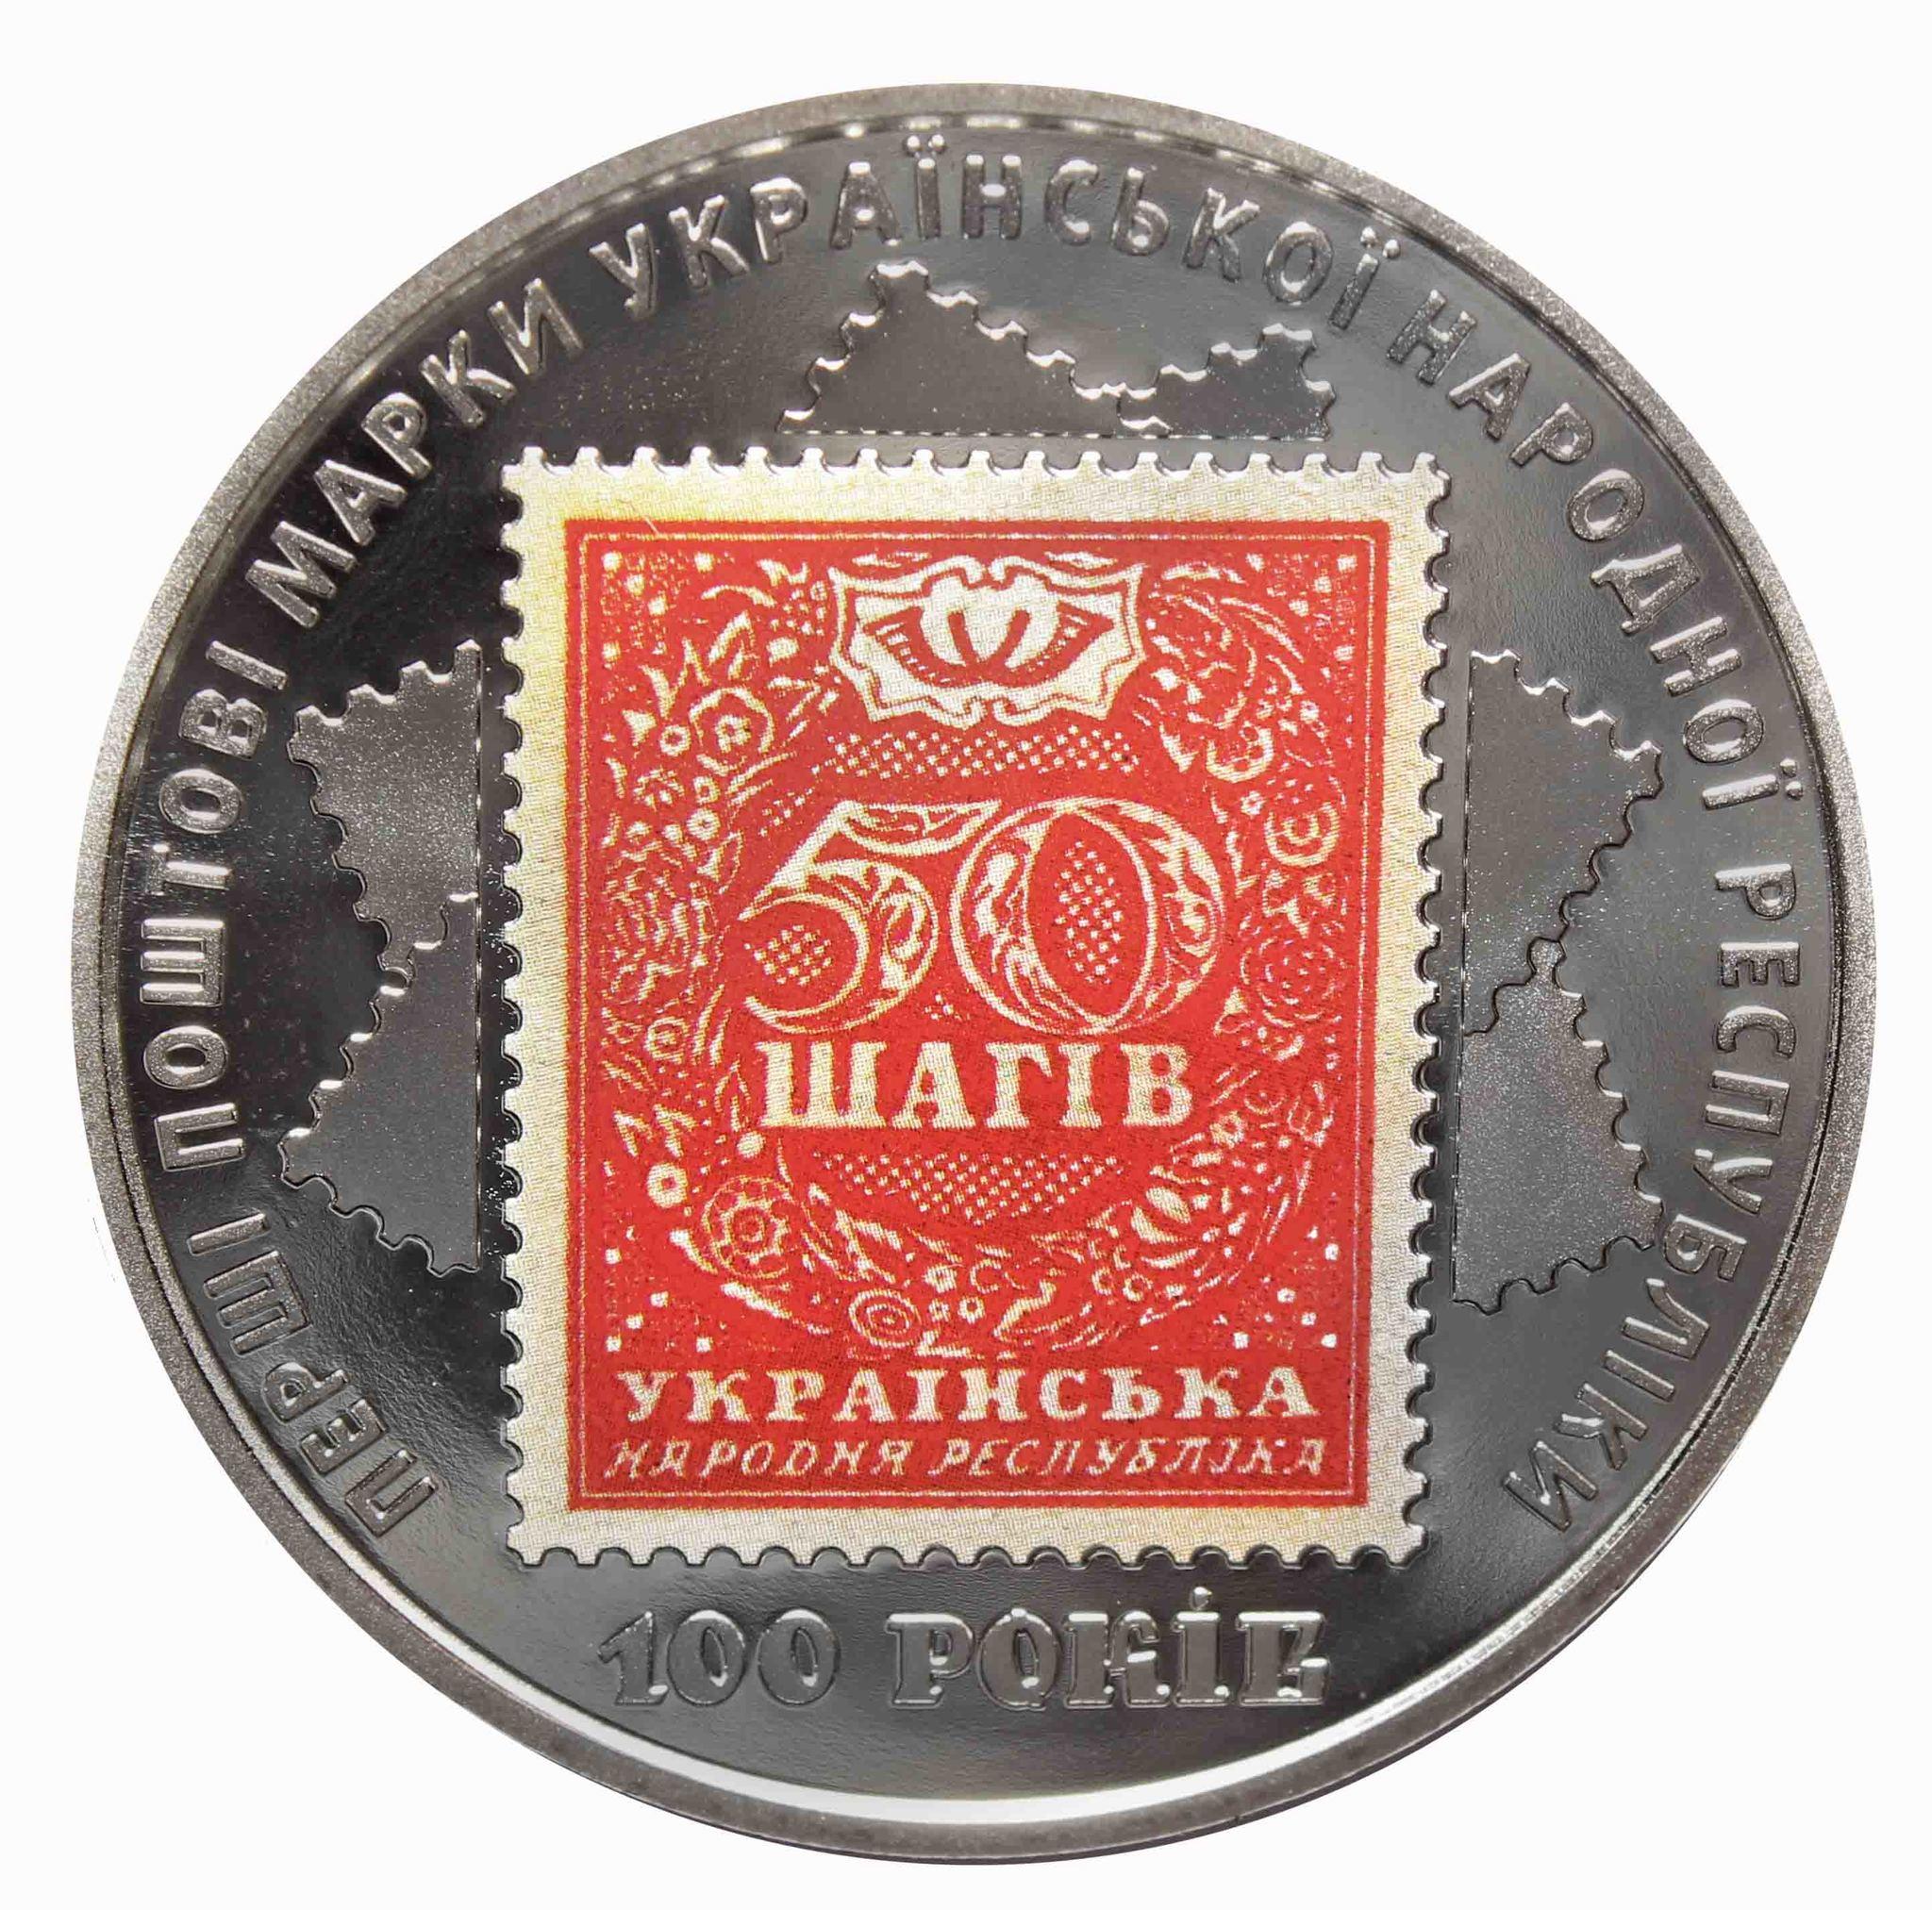 5 гривен. 100-летие выпуска первых почтовых марок (цветная) 2018 год